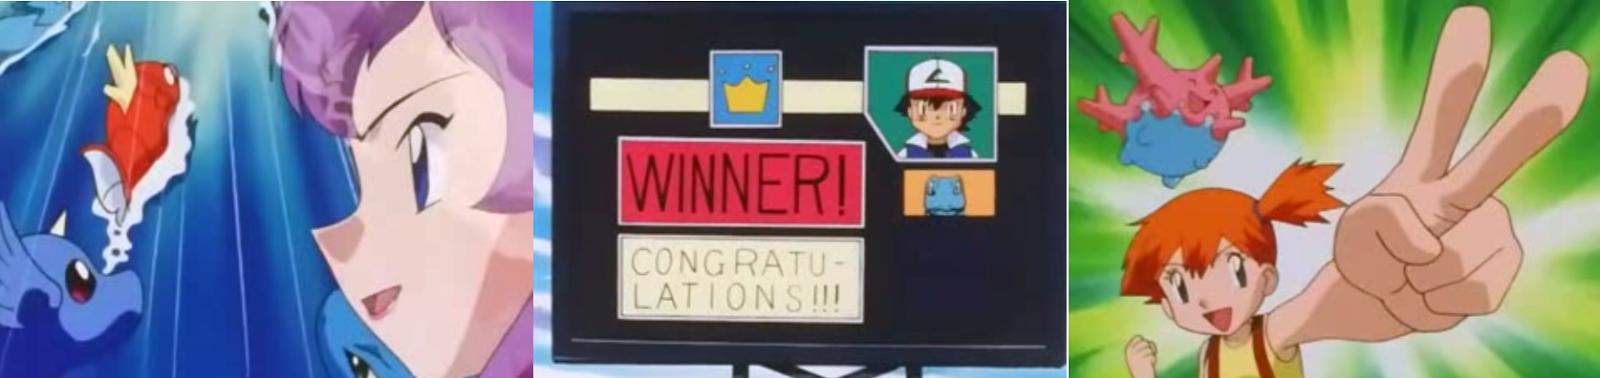 Pokemon Capitulo 7 Temporada 5 Duelo de Héroes